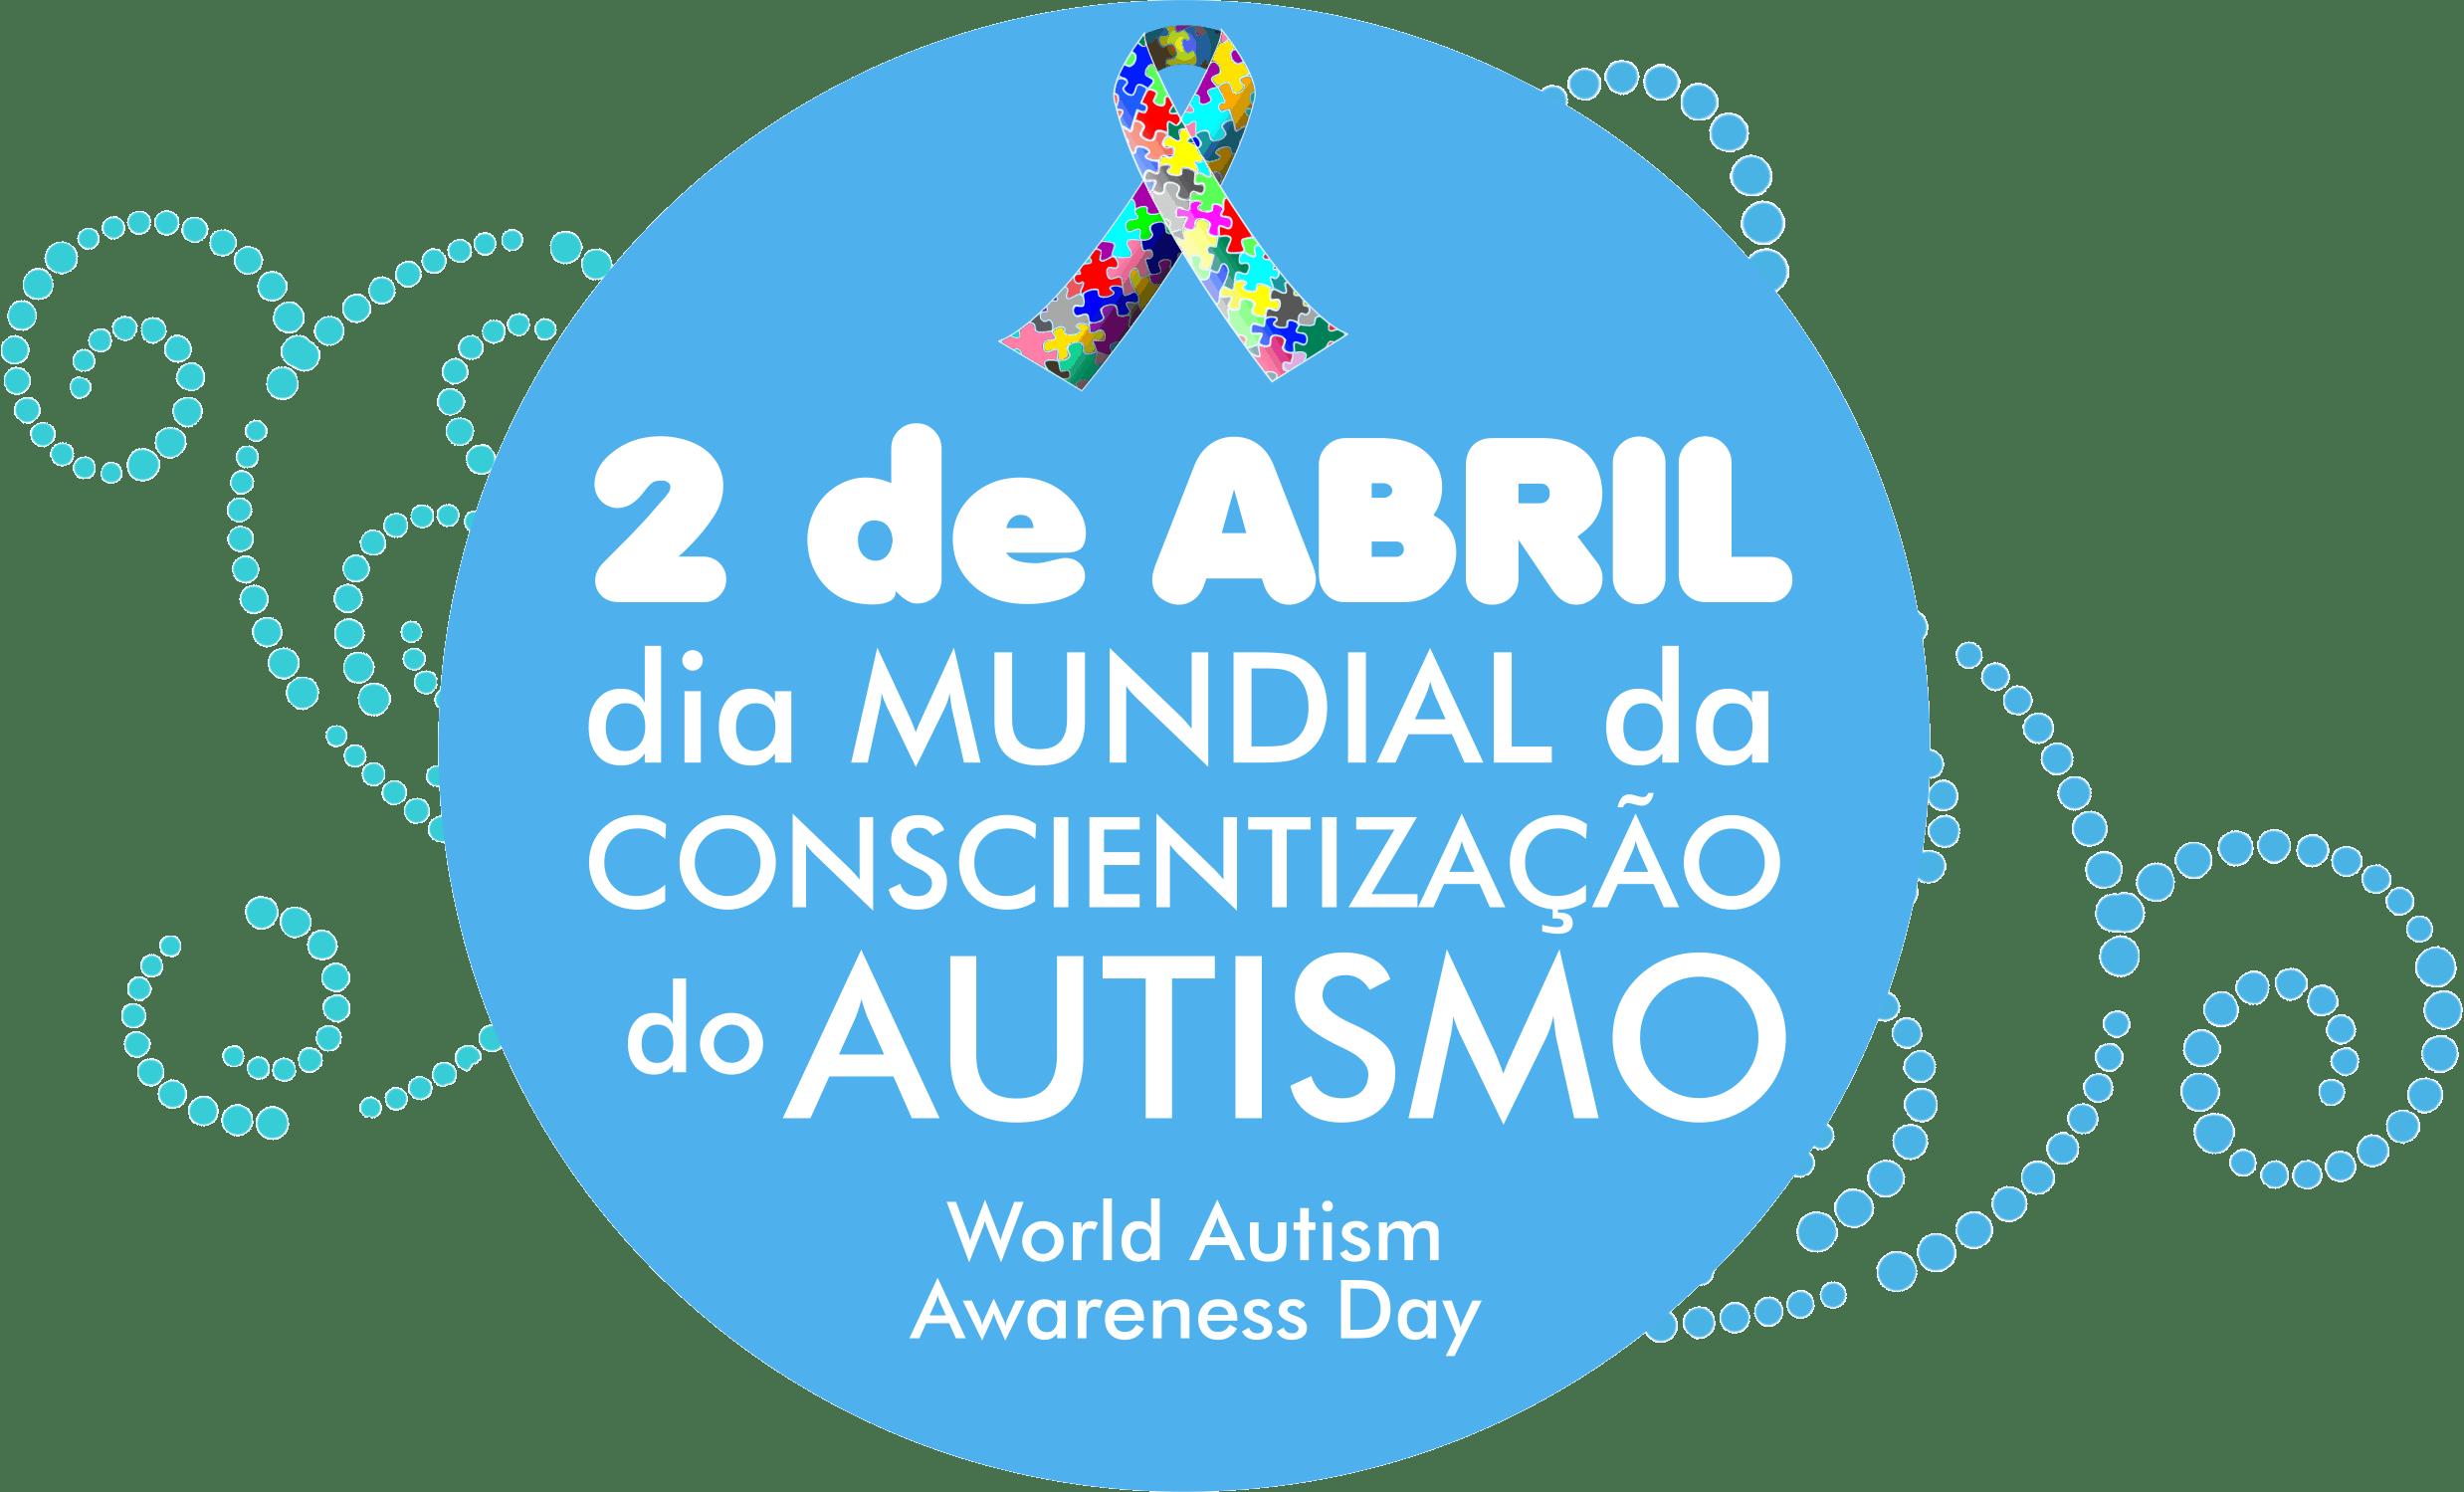 Resultado de imagem para Dia Mundial da Conscientização do Autismo